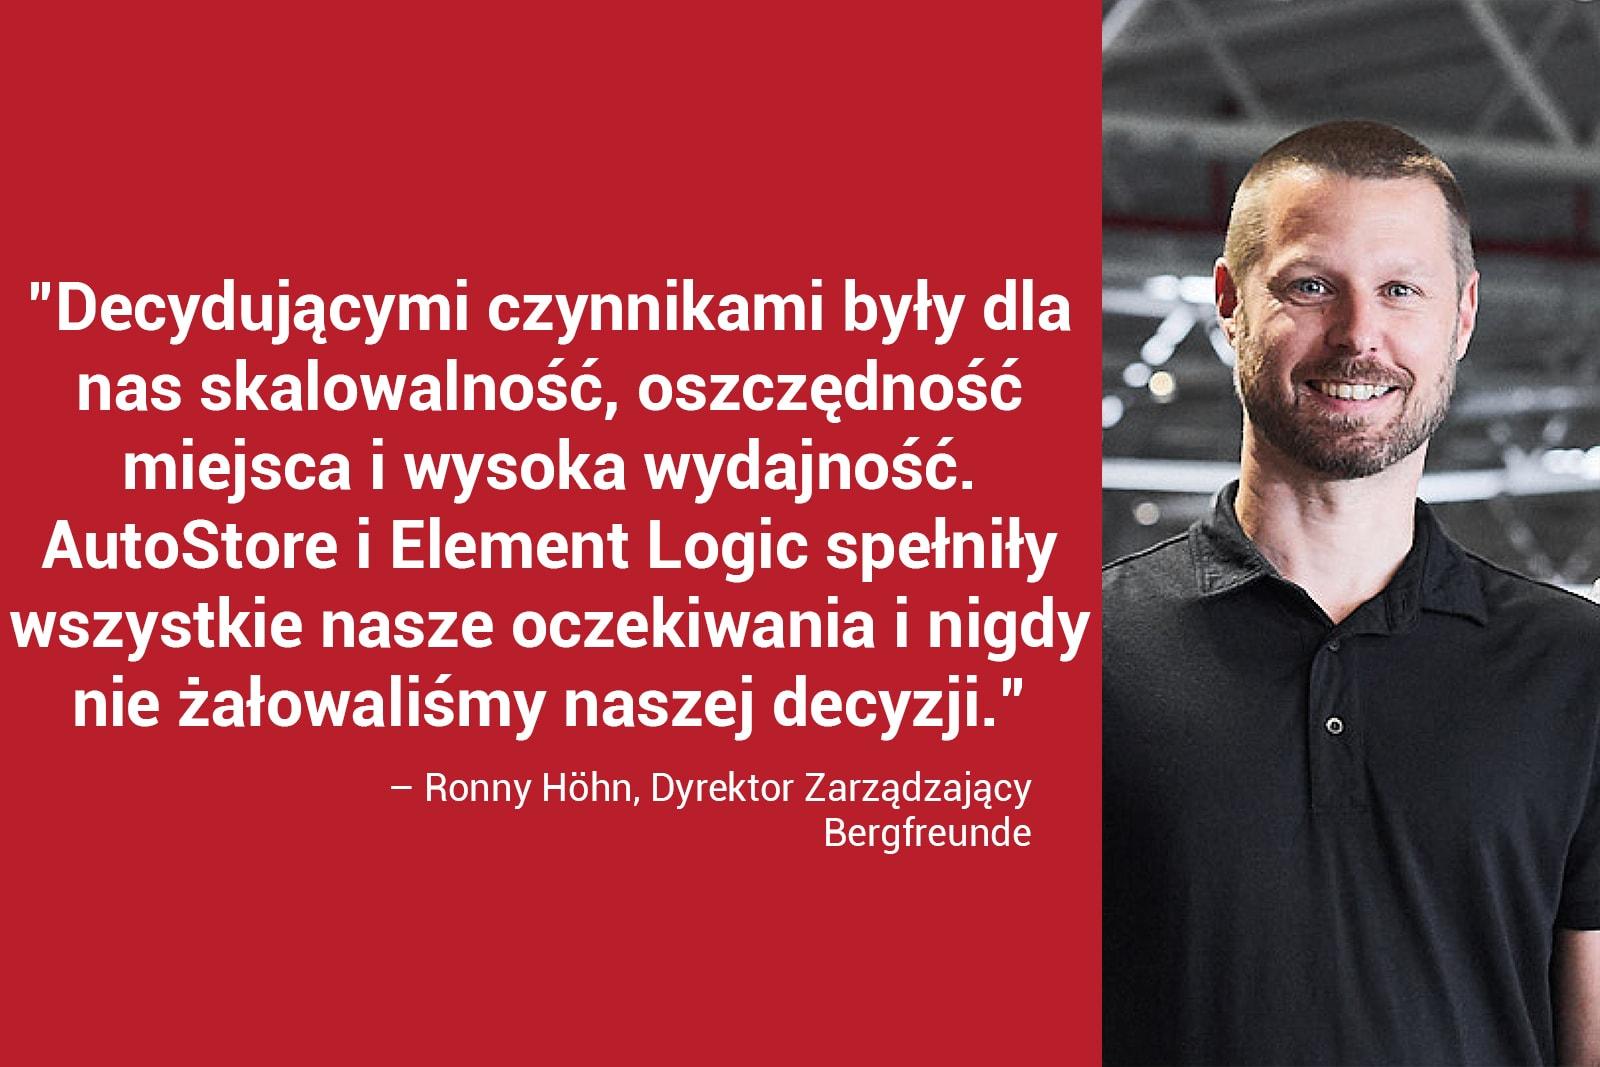 Ronny Höhn, Dyrektor Zarządzający Bergfreunde